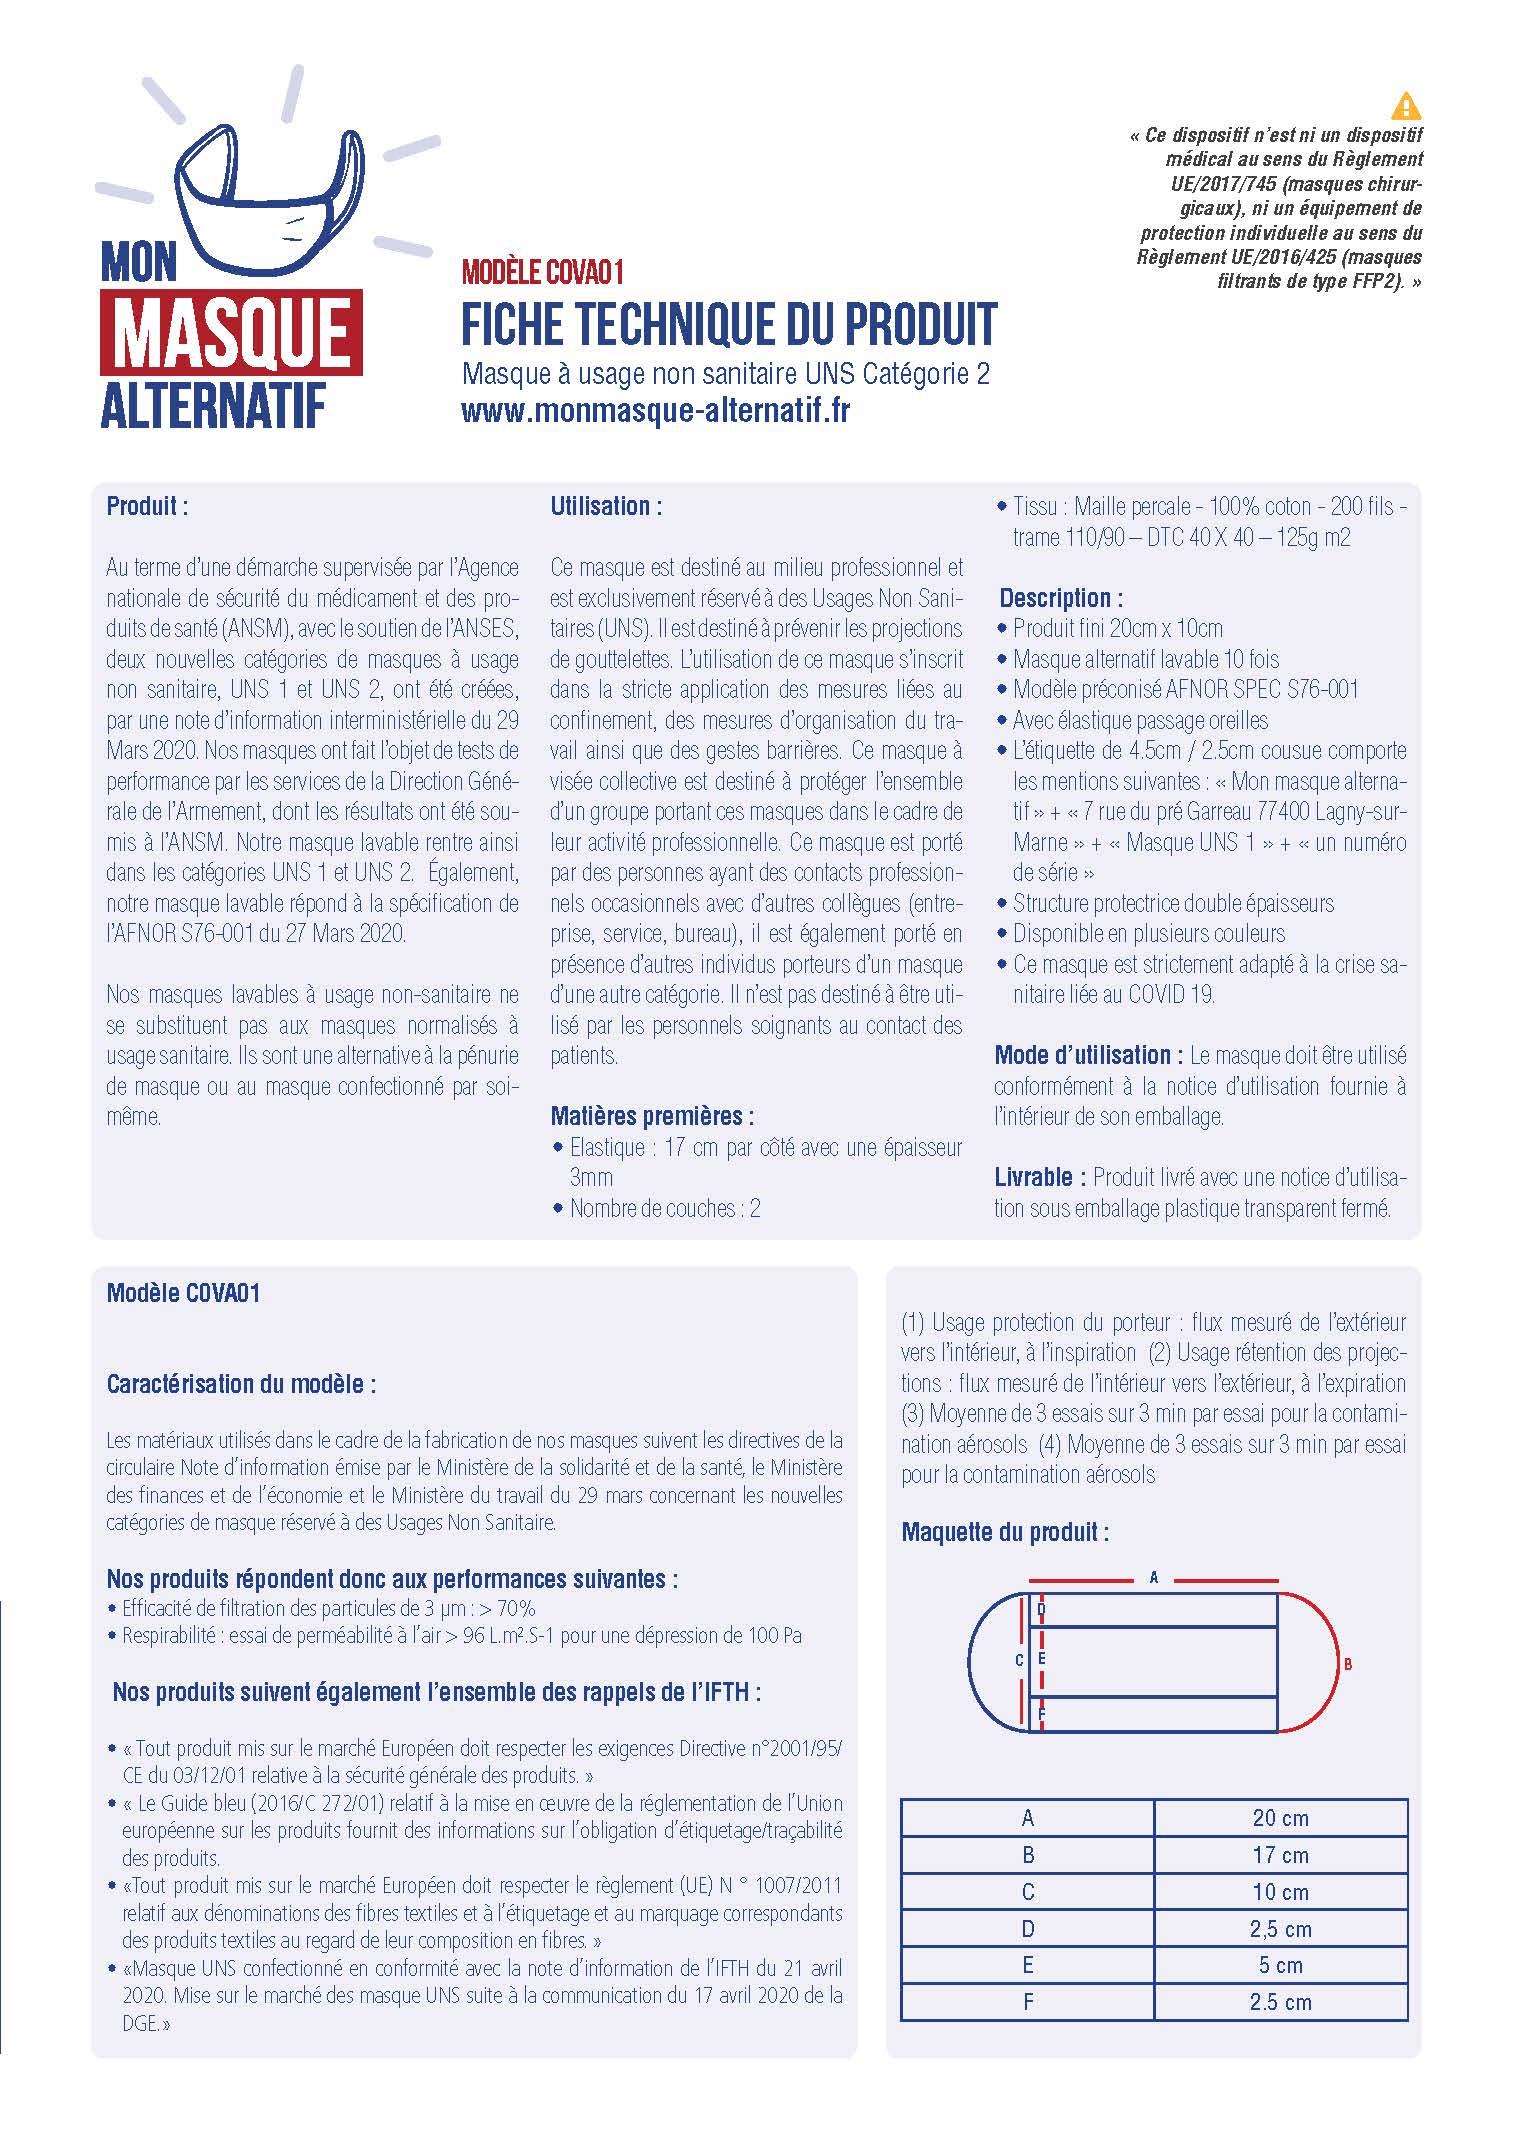 Fiche TECH 22-04-20 cova01_Page_1